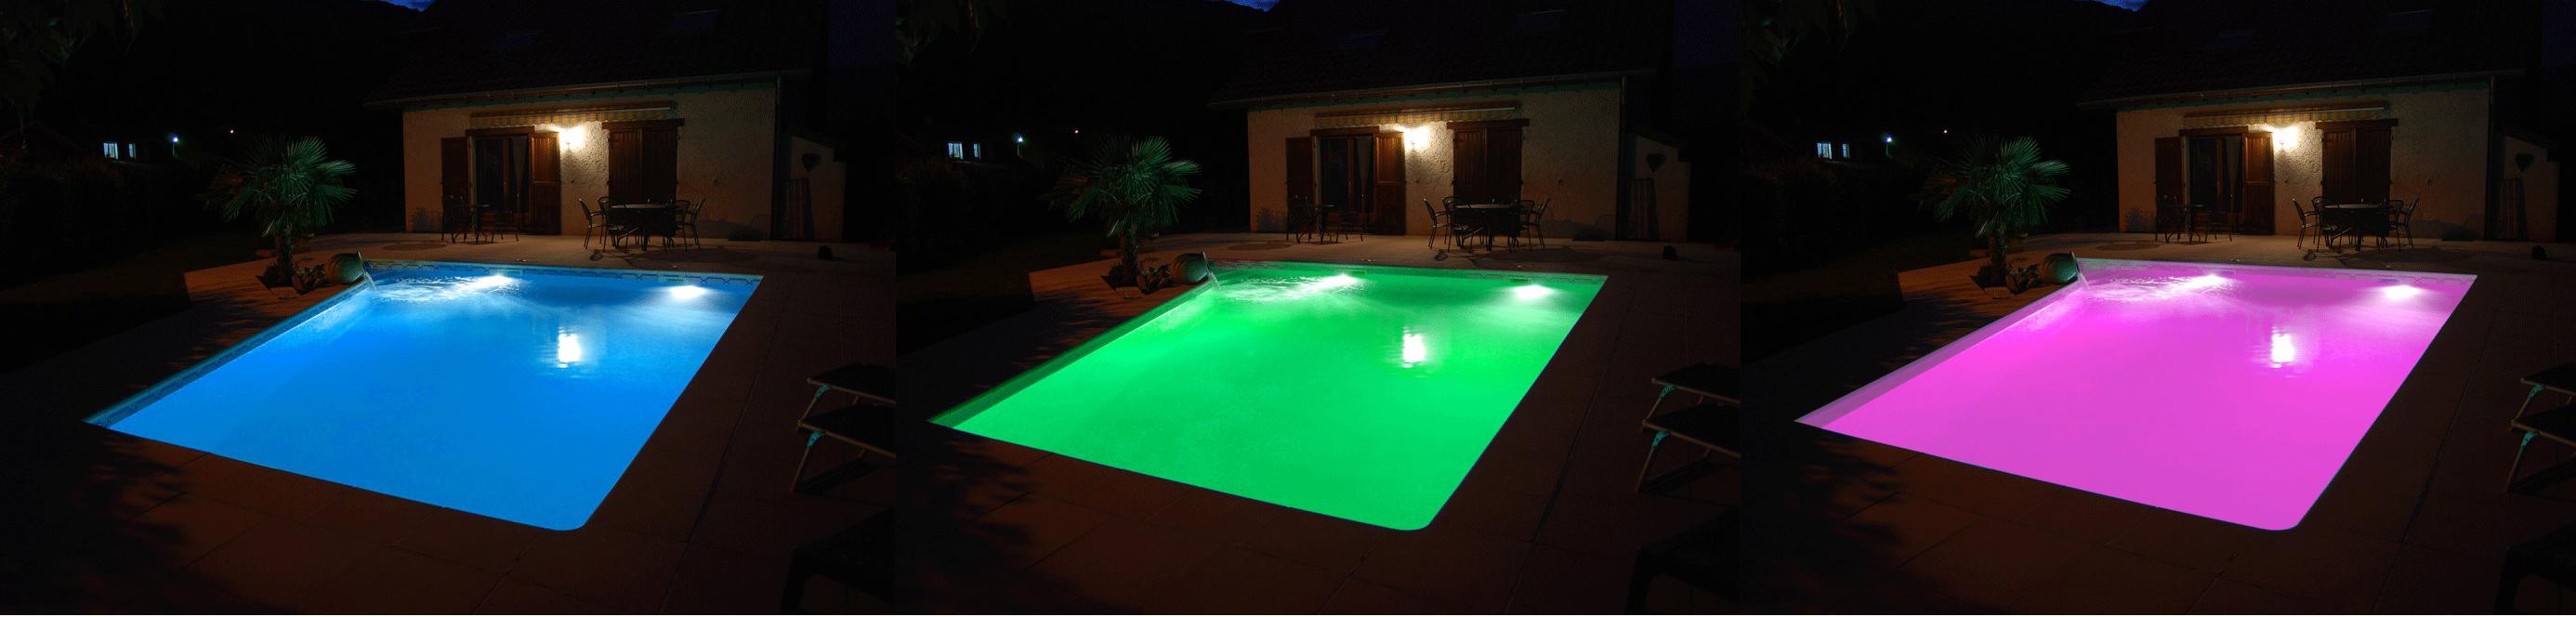 projecteur piscine couleur